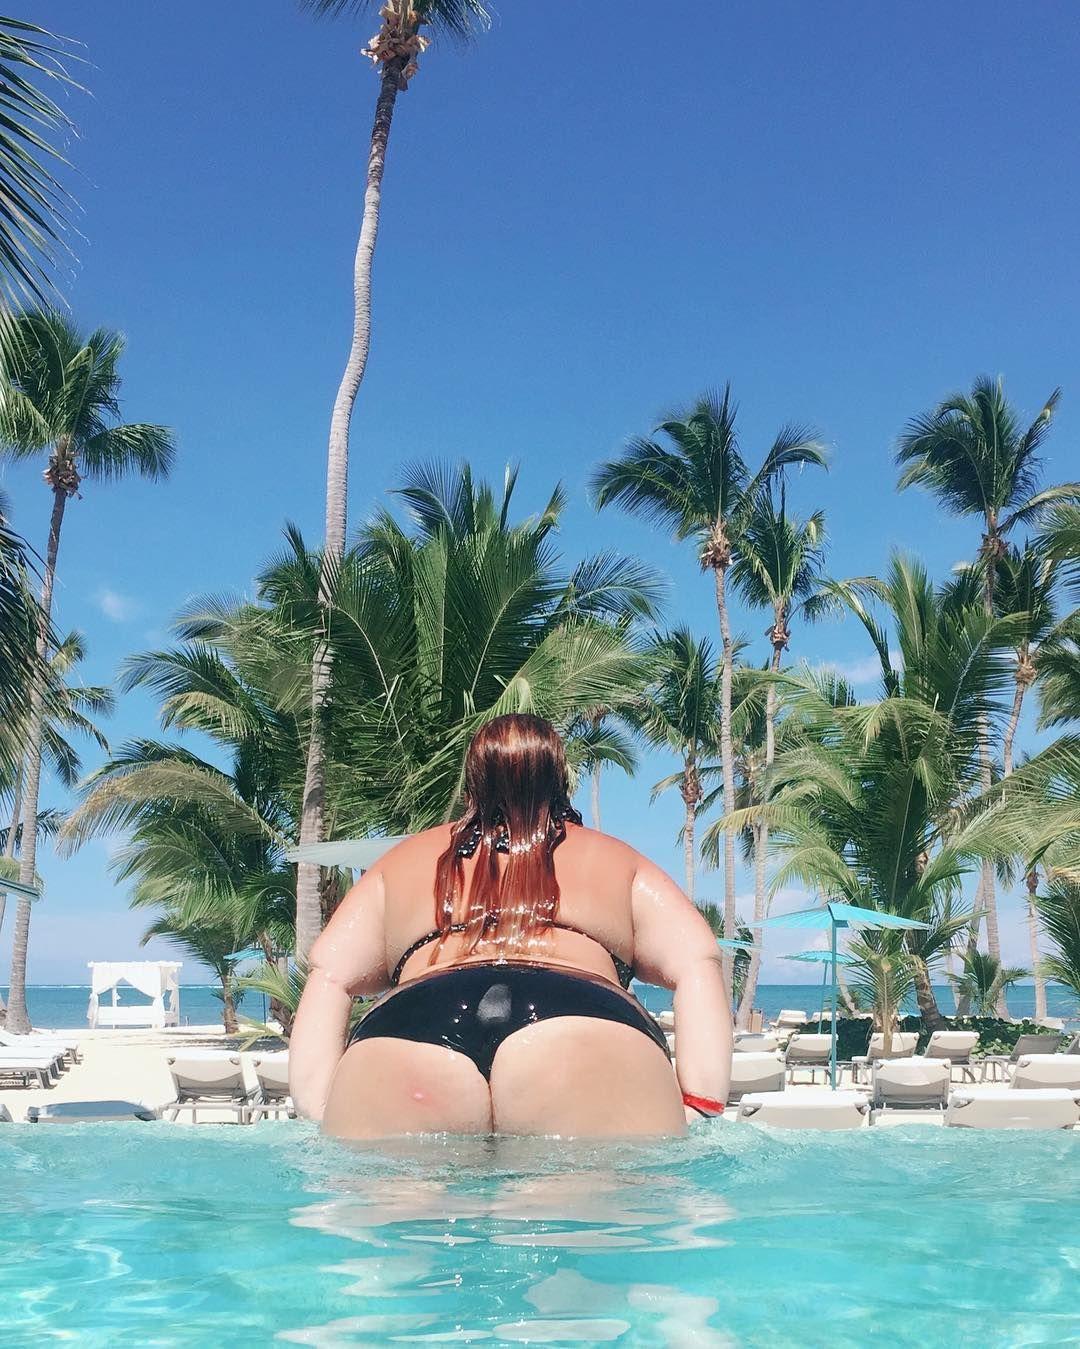 buenasvistas #caribe #rd #rdlis #palmeras #swimmingpool #pearl